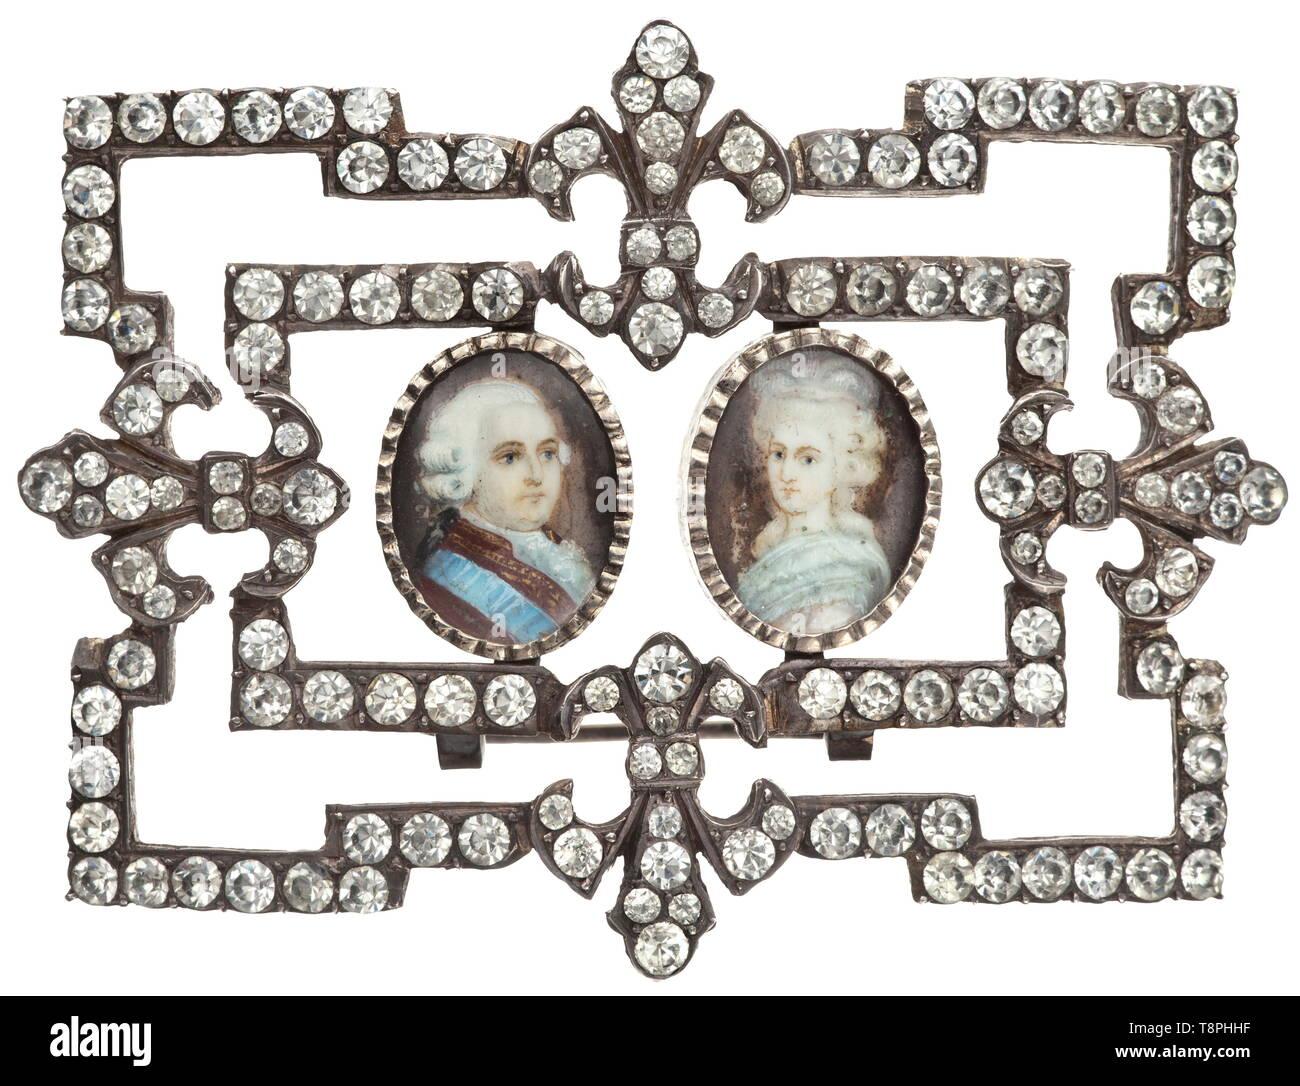 Una cortigiana francese scarpa fibbia adornata con ritratti in miniatura, circa 1780 Openworked fibbia in argento con quattro montato fleur-de-lys ornamenti e intarsiata sulla parte anteriore con 146 strass in un diamante tagliato. Al centro due incorniciato ritratti in miniatura su avorio sotto vetro mostra Maria Antonietta e Luigi XVI. Un secondo cavalletto di supporto saldata sul retro. Larghezza 7,3 cm, peso 50,5 g. Un bel pezzo di significato storico. storica, storica del XVIII secolo, Additional-Rights-Clearance-Info-Not-Available Foto Stock